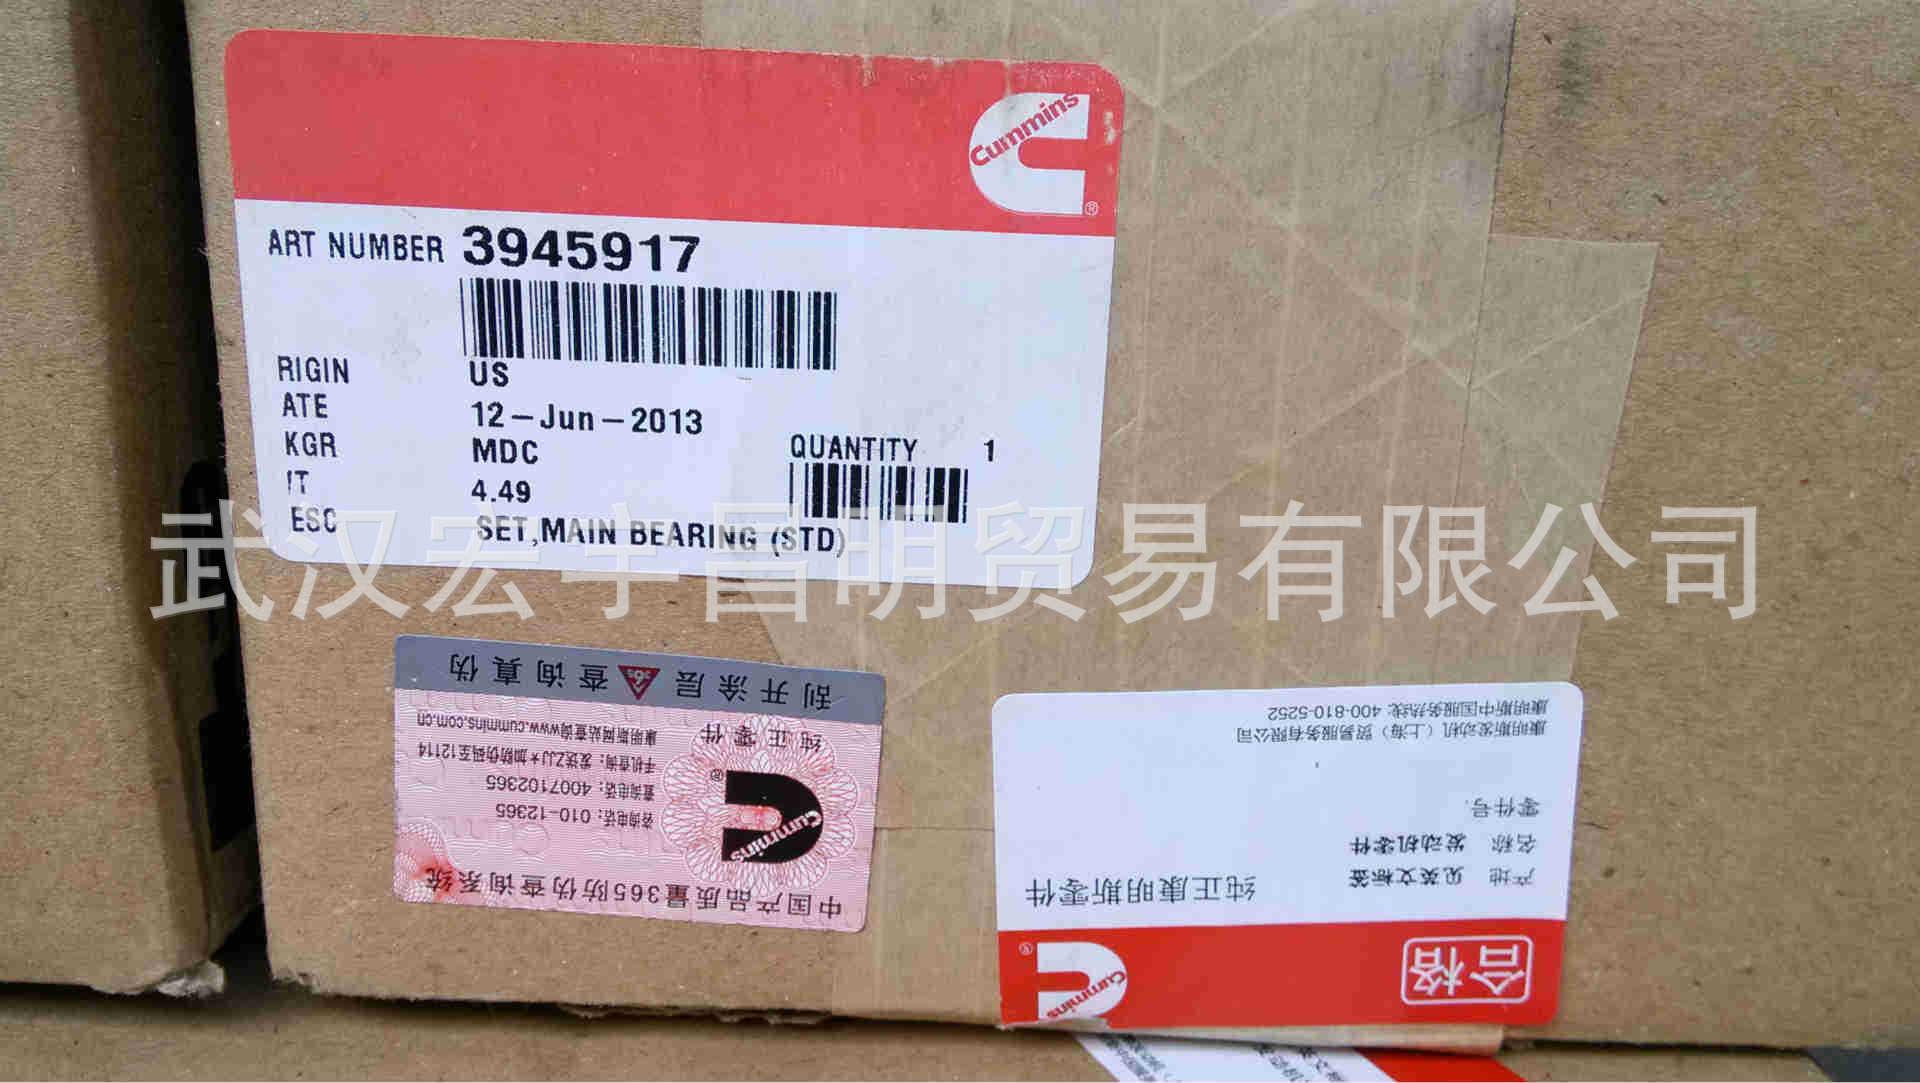 康明斯授权经销商批发原装进口配件/6C主轴瓦